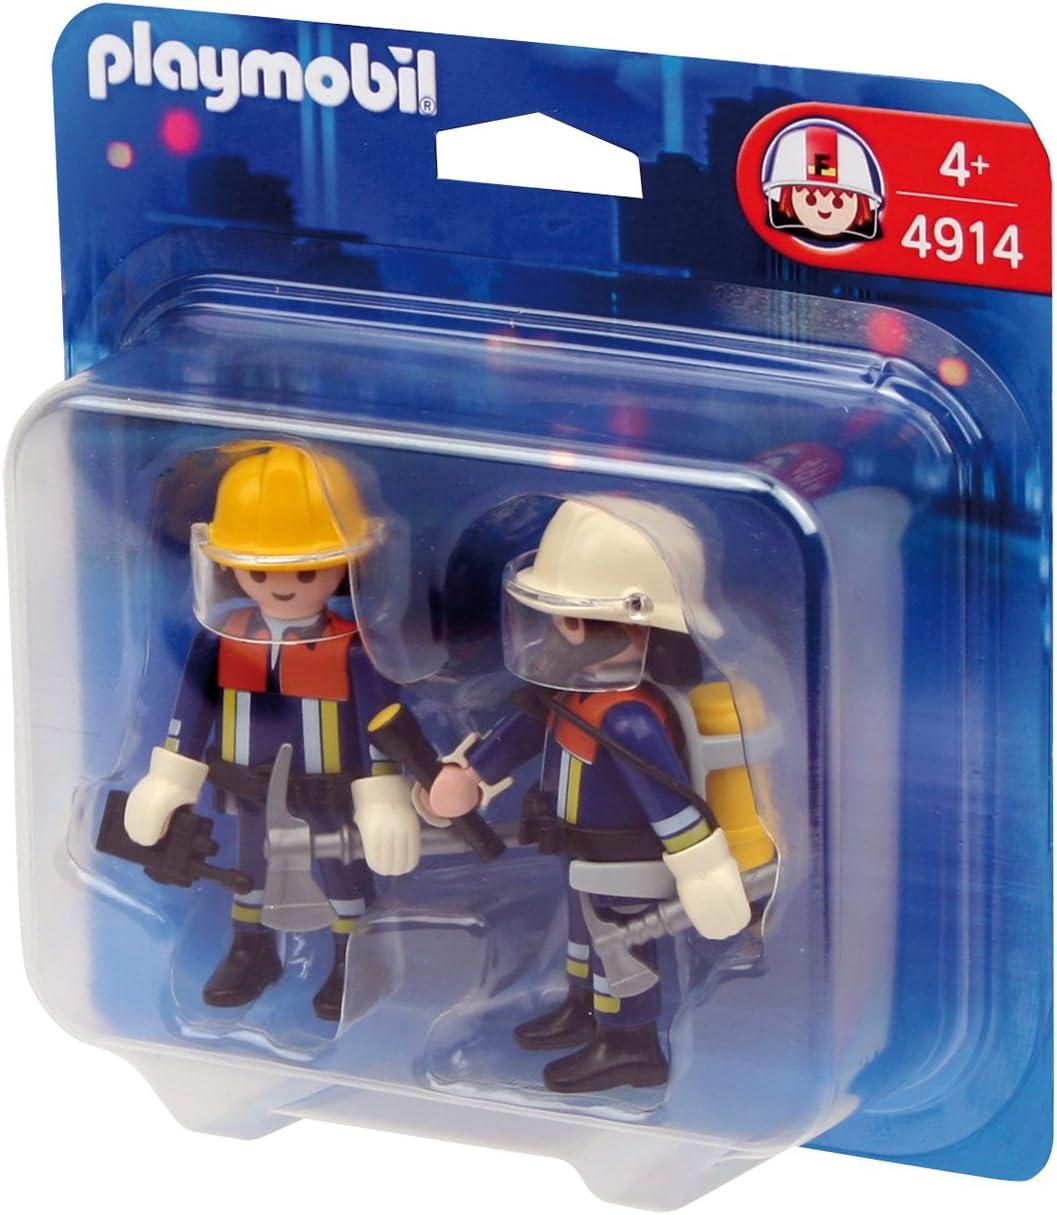 PLAYMOBIL - Pack de 2 Figuras Bomberos (4914): Amazon.es: Juguetes ...